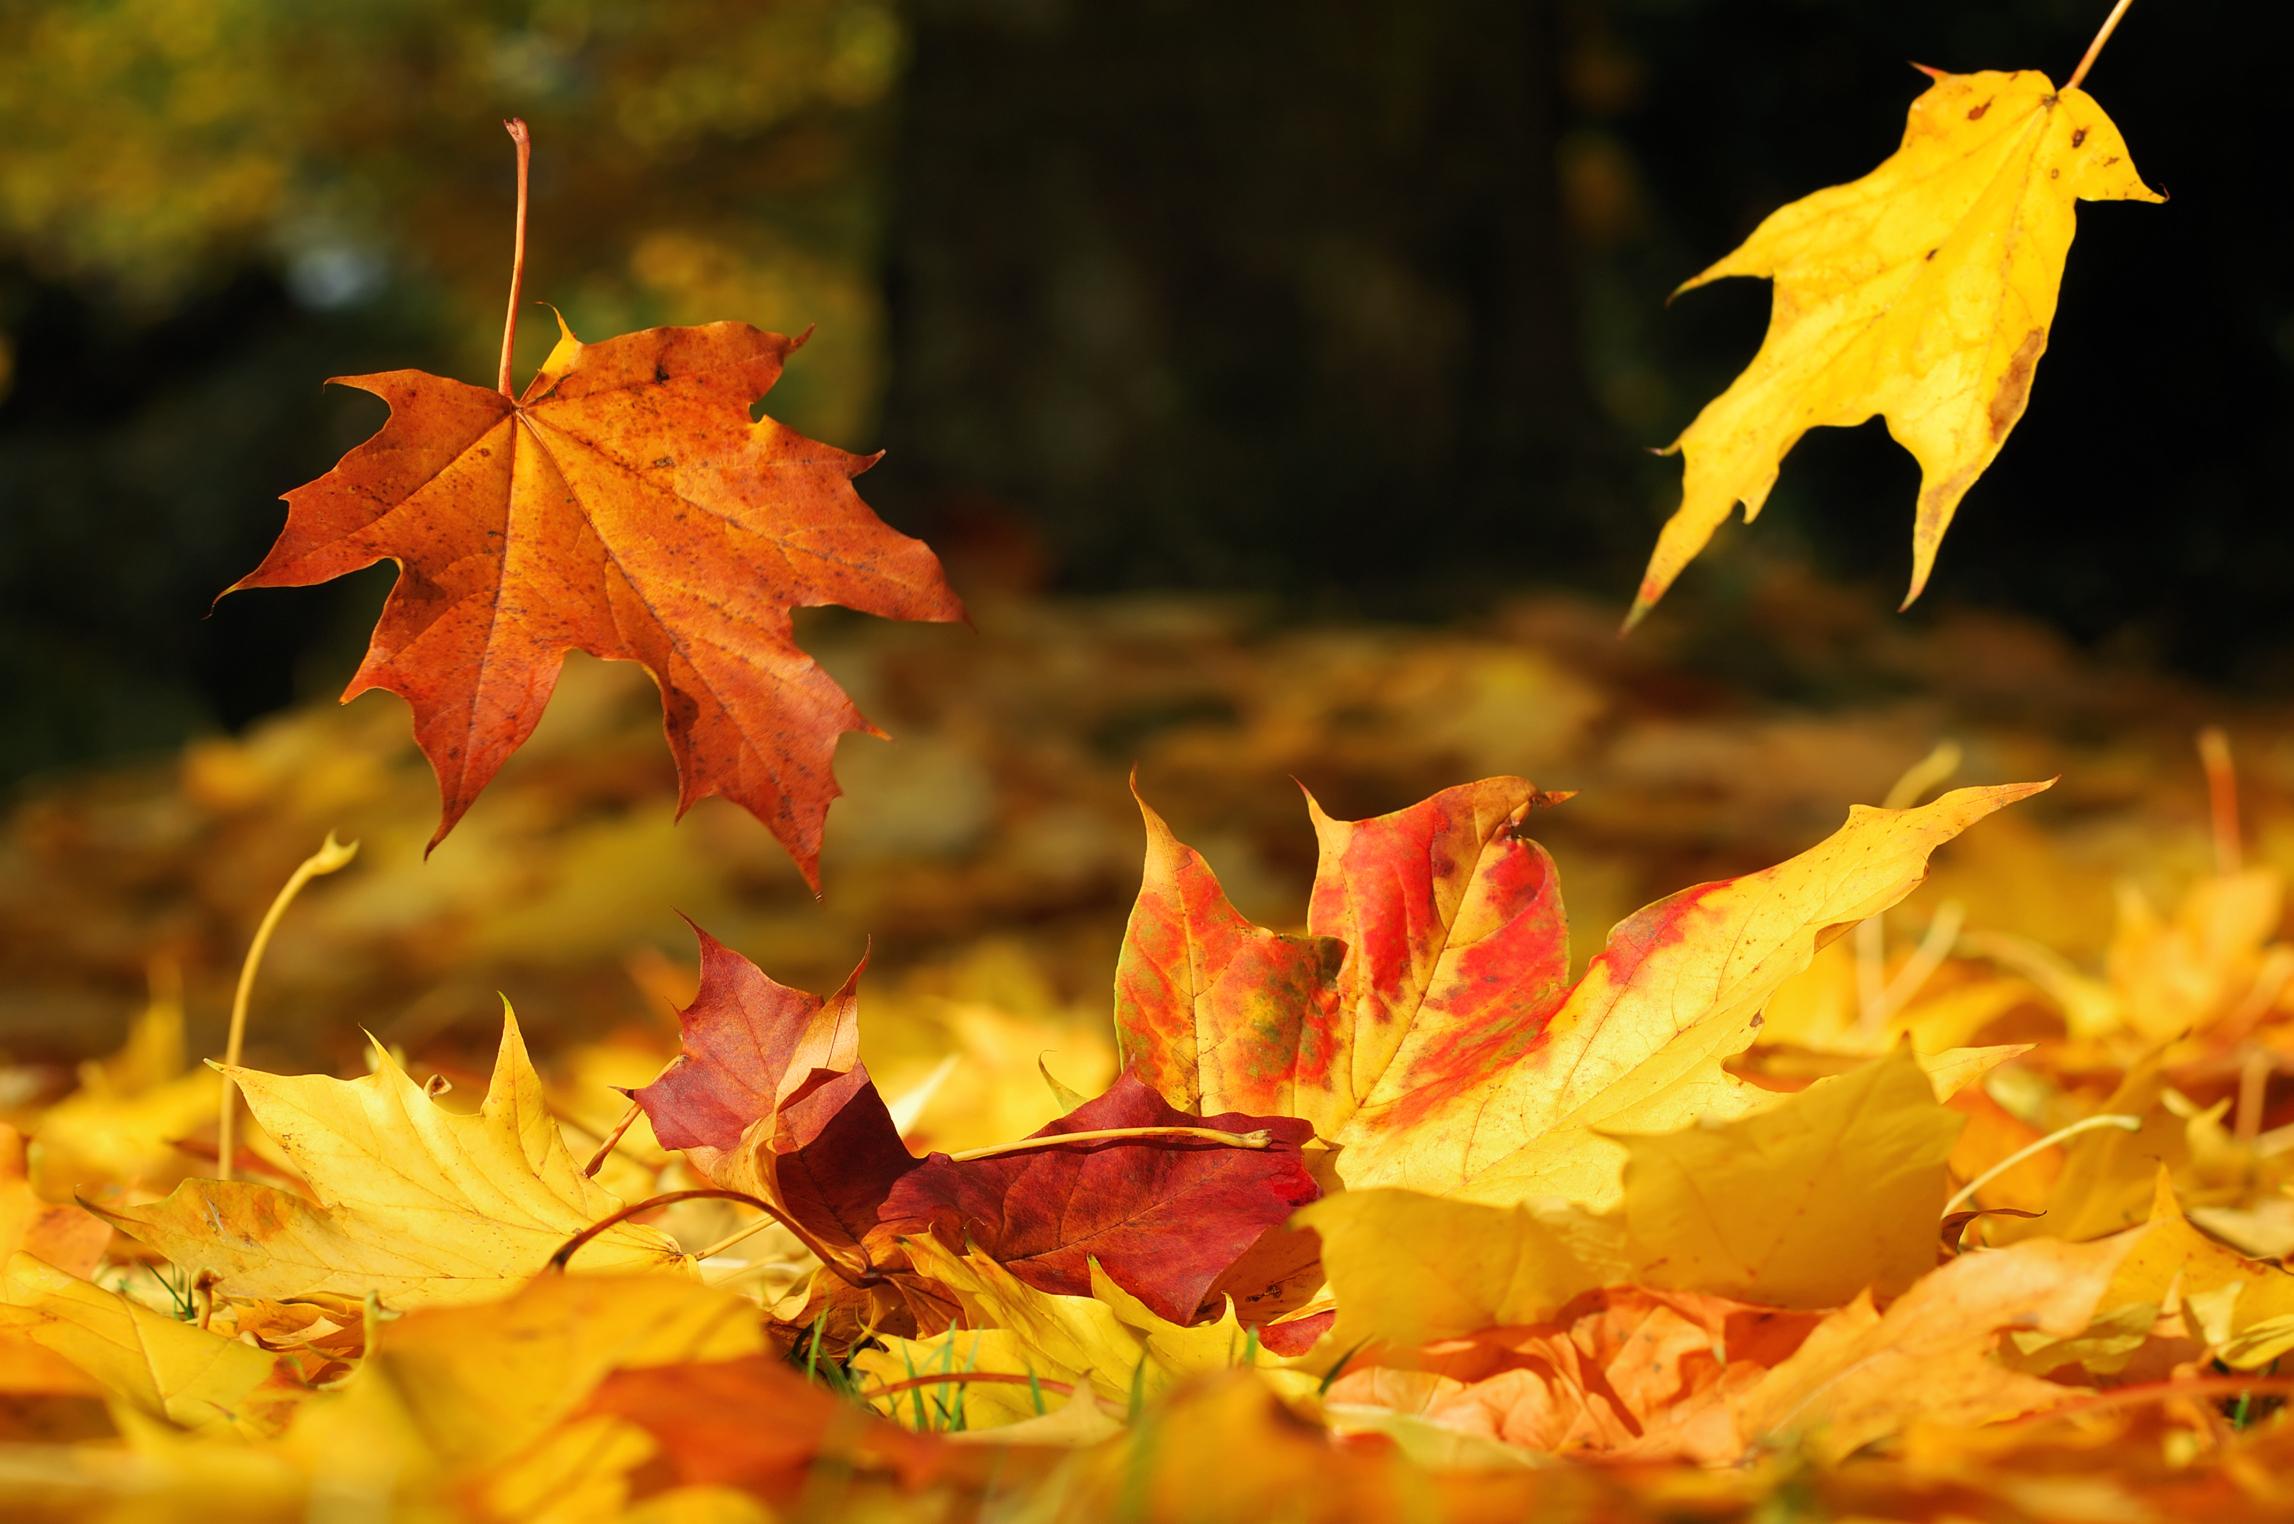 Oasi Zegna in novembre, immersi nelle foglie colorate